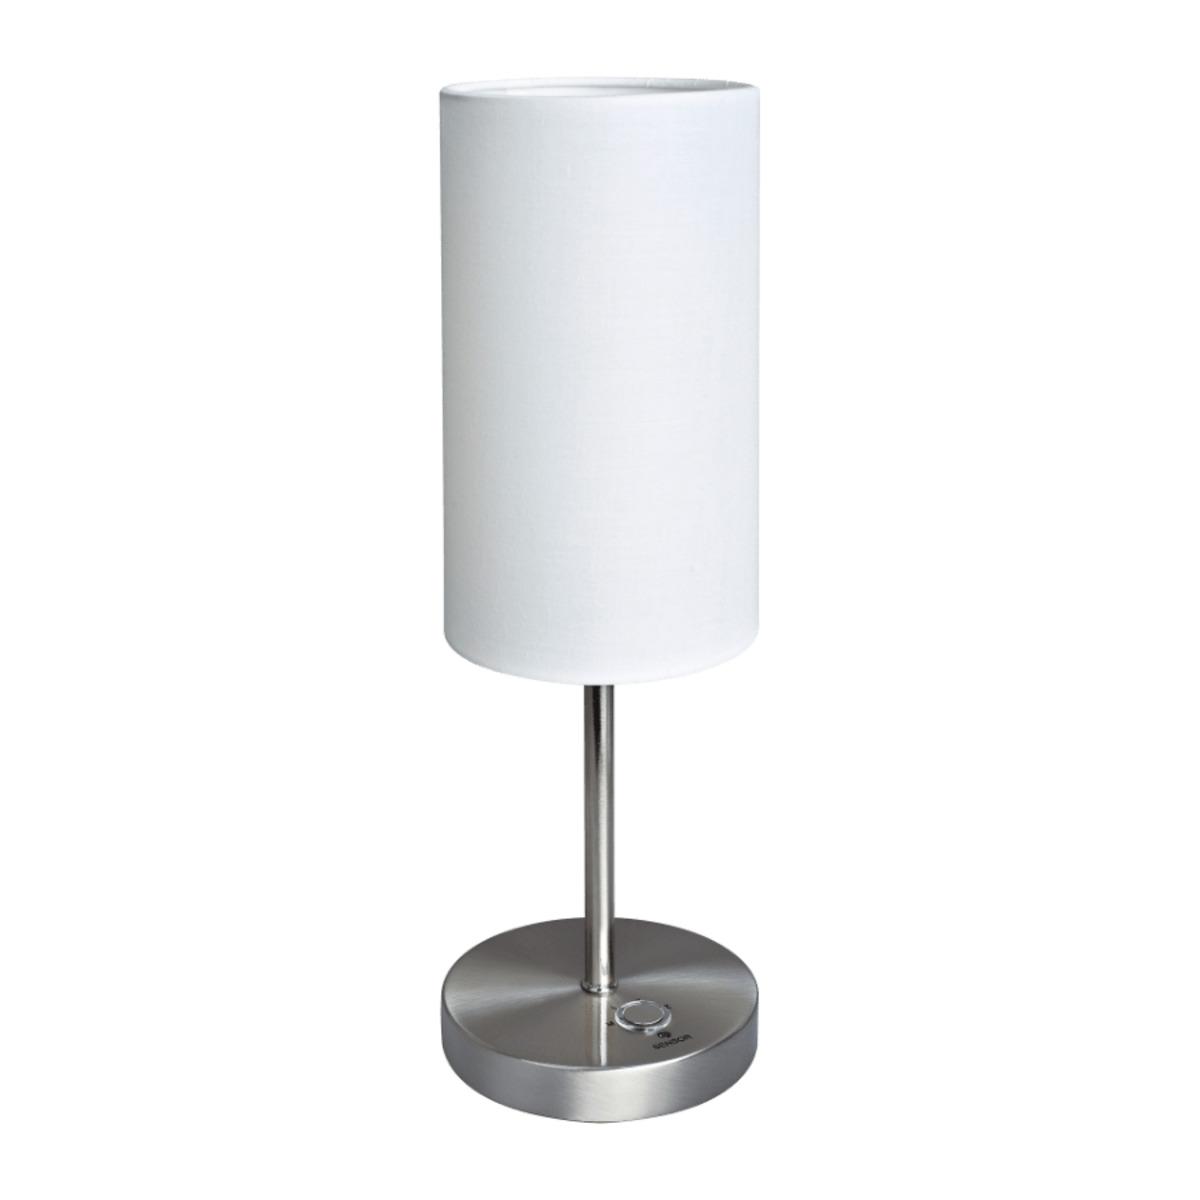 Bild 3 von LIGHTZONE     LED-Tischleuchte